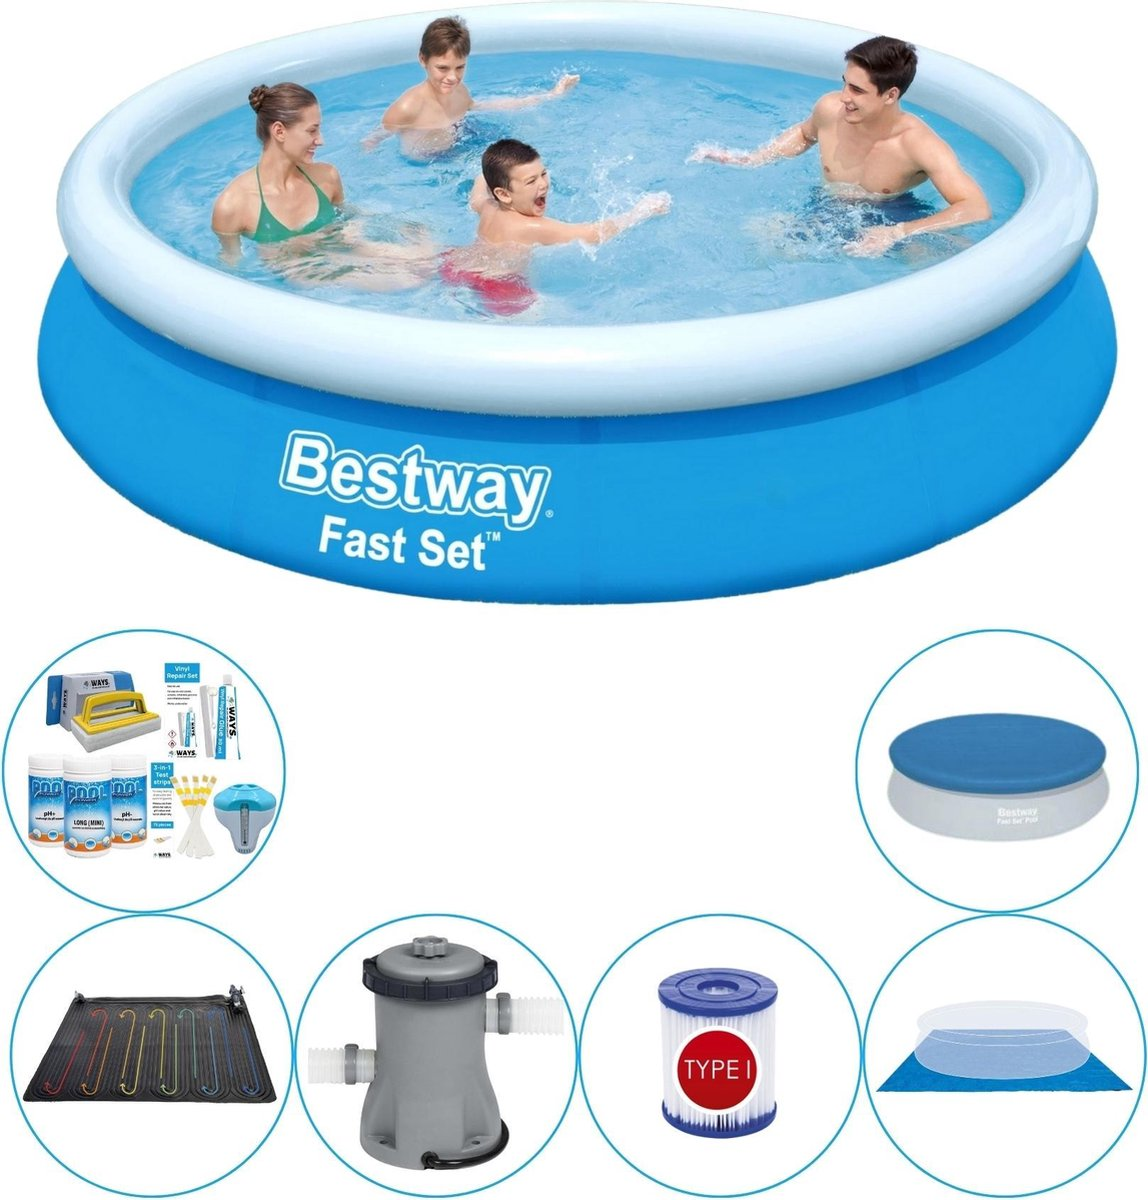 Bestway Fast Set Rond 366x76 cm - Zwembad Combi Deal